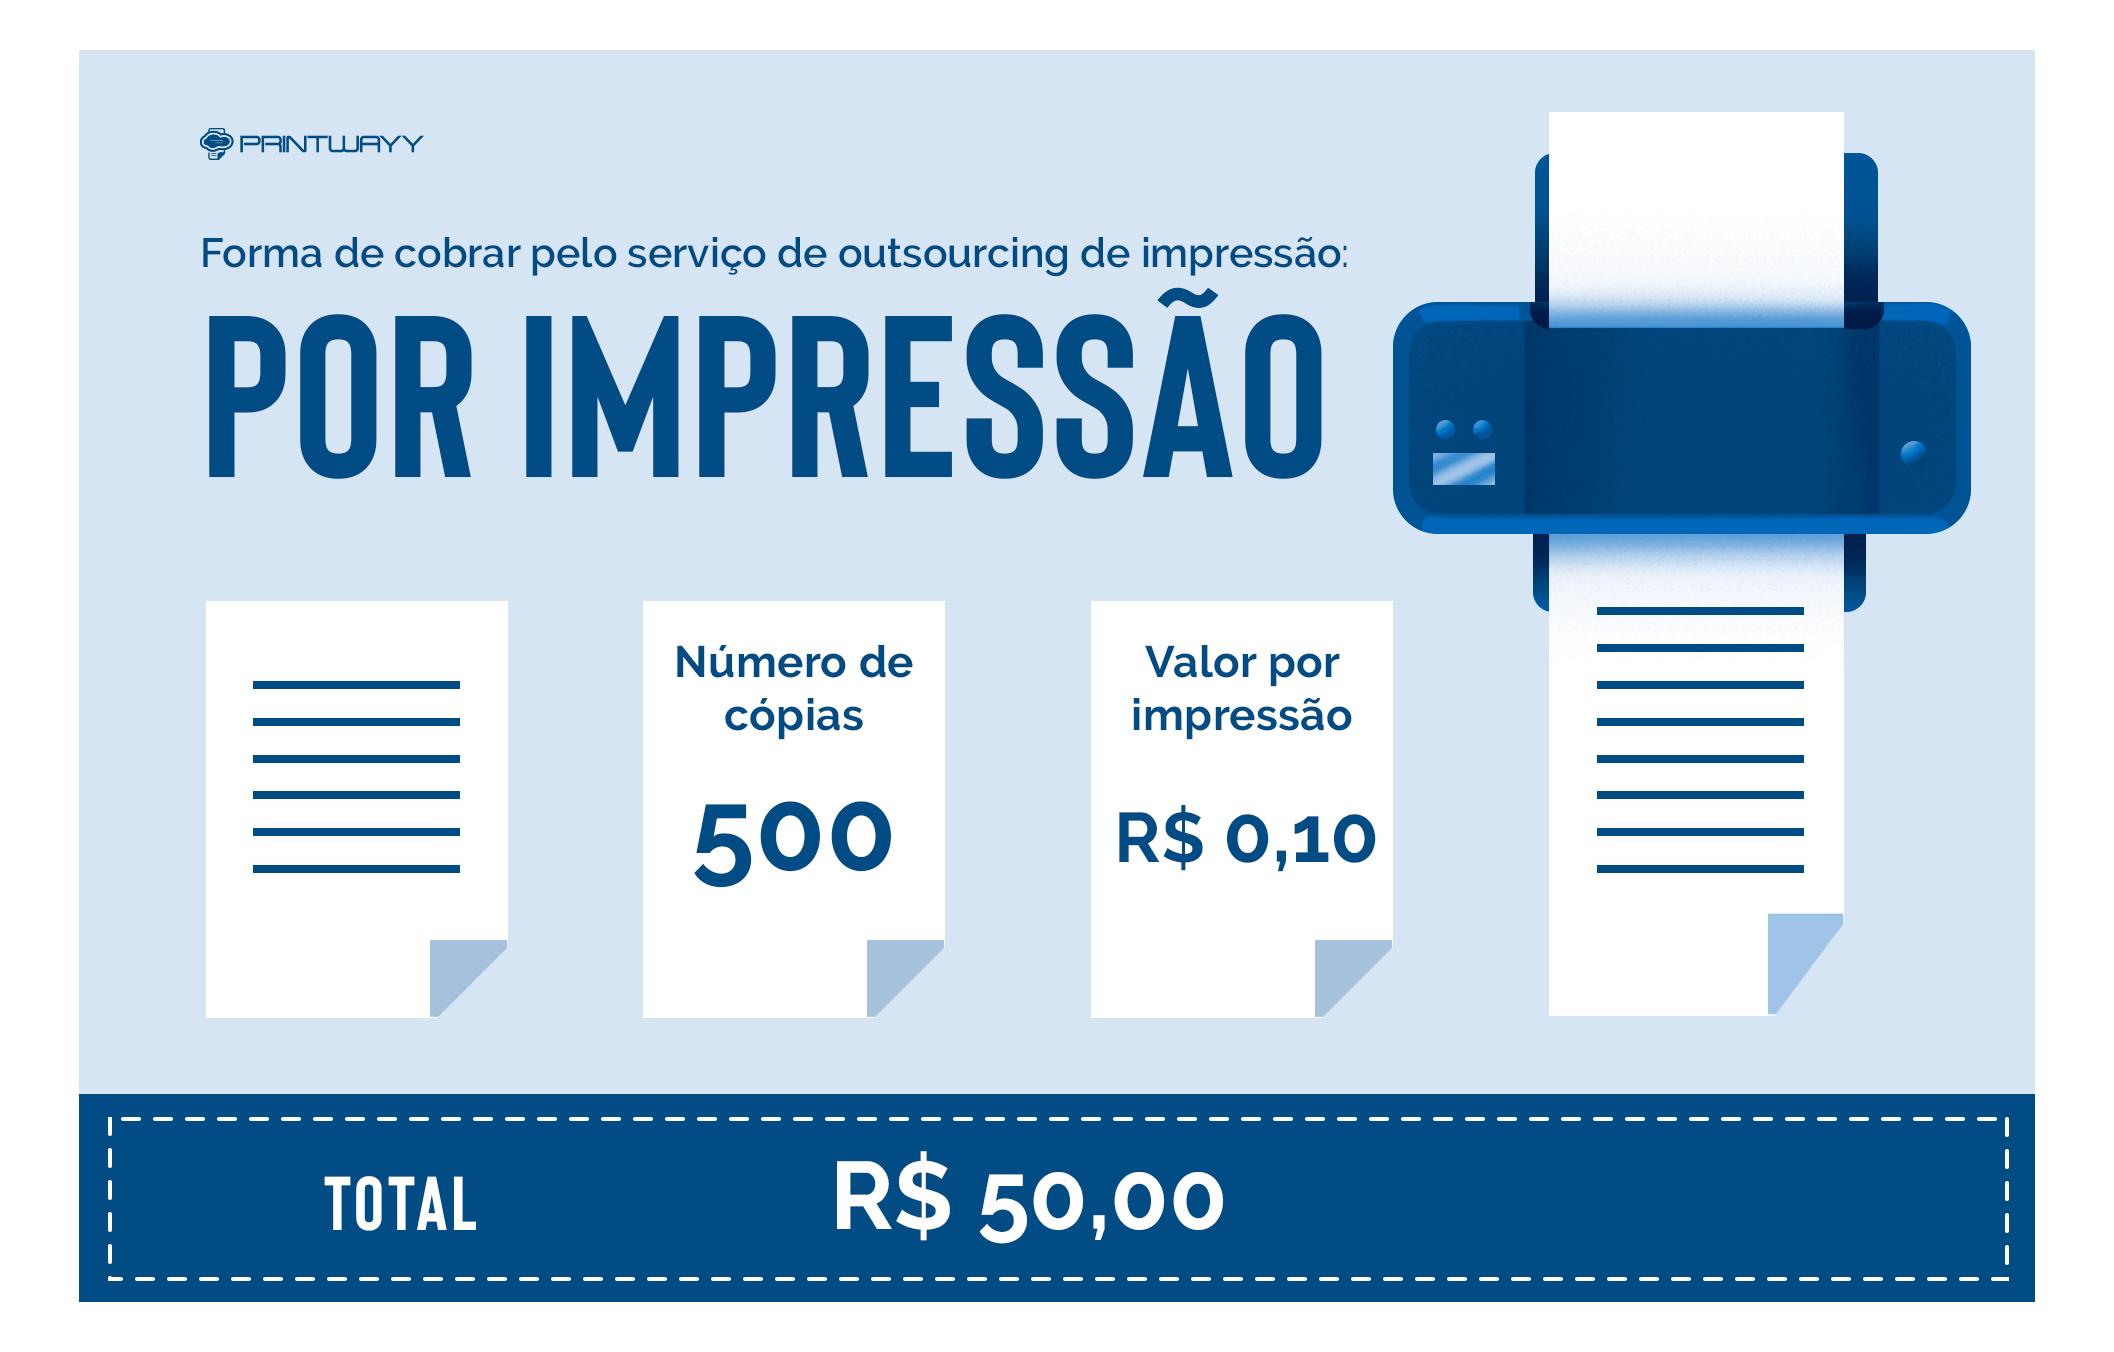 Infográfico da Forma de cobrar pelo serviço de outsourcing de impressão - por impressão.